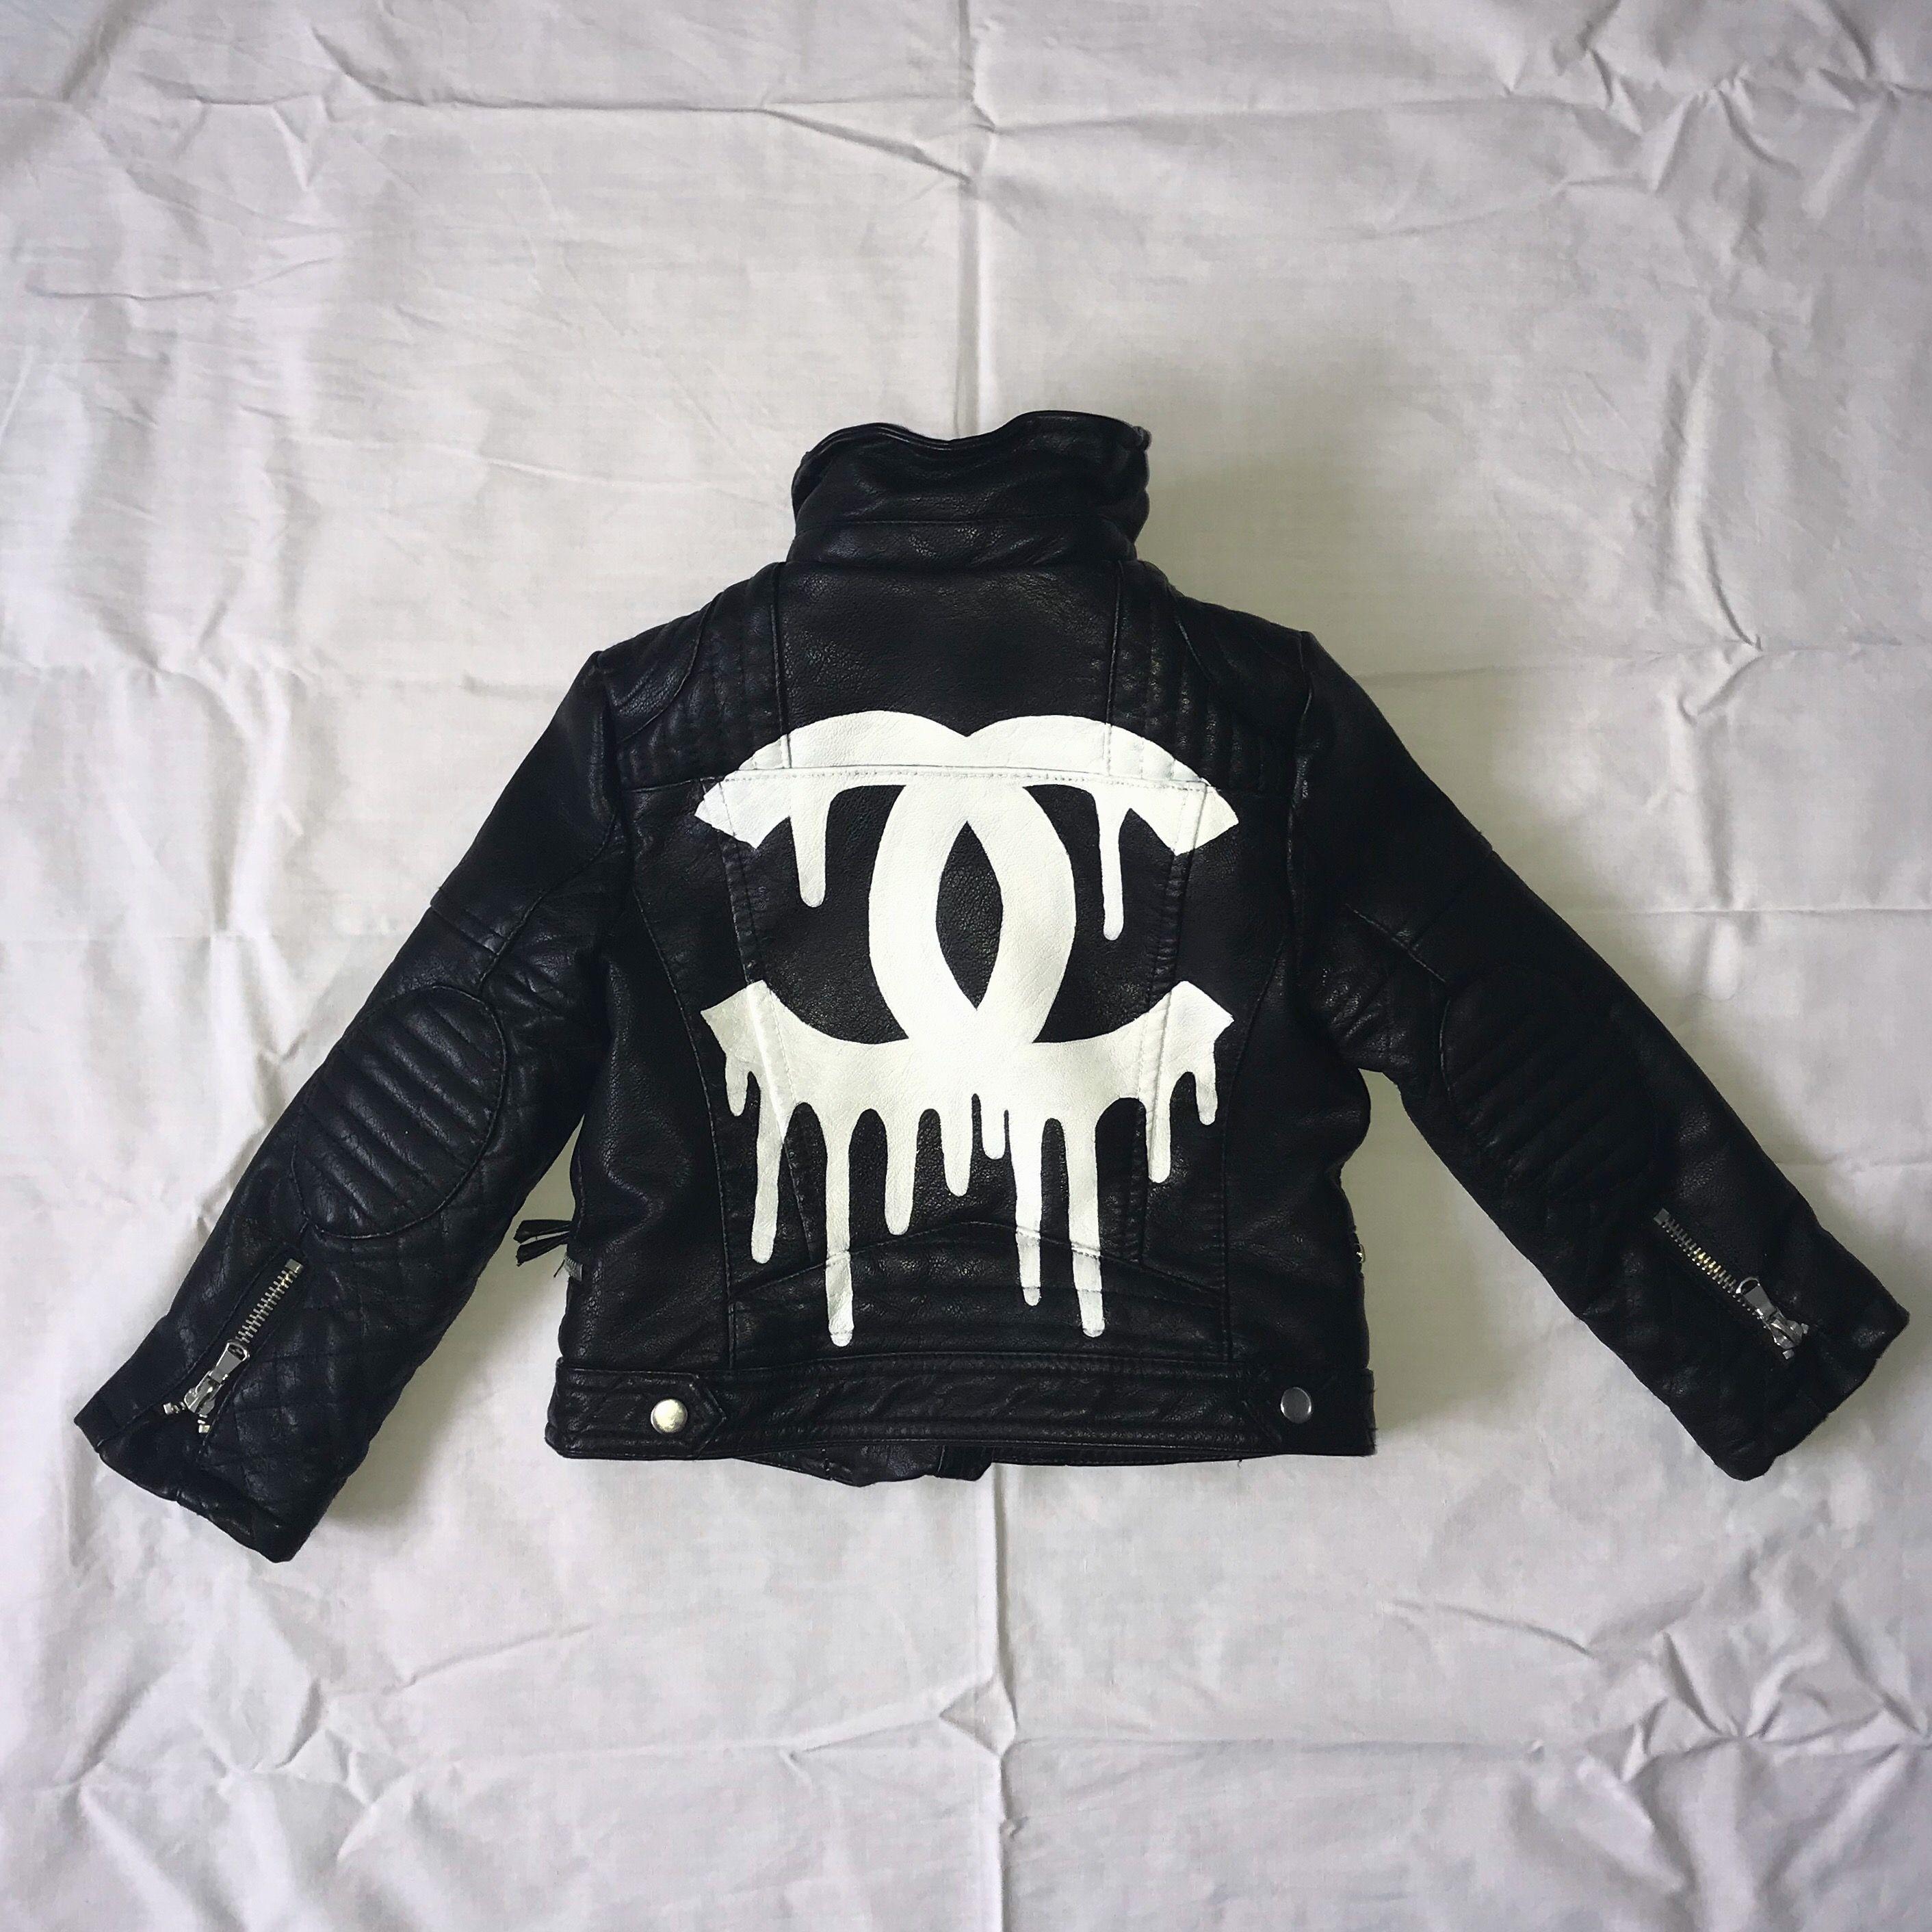 Chanel Kids Jacket Black White Coco Art Customized Cc Hype Clothing Customised Denim Jacket Custom Clothes [ 2824 x 2824 Pixel ]